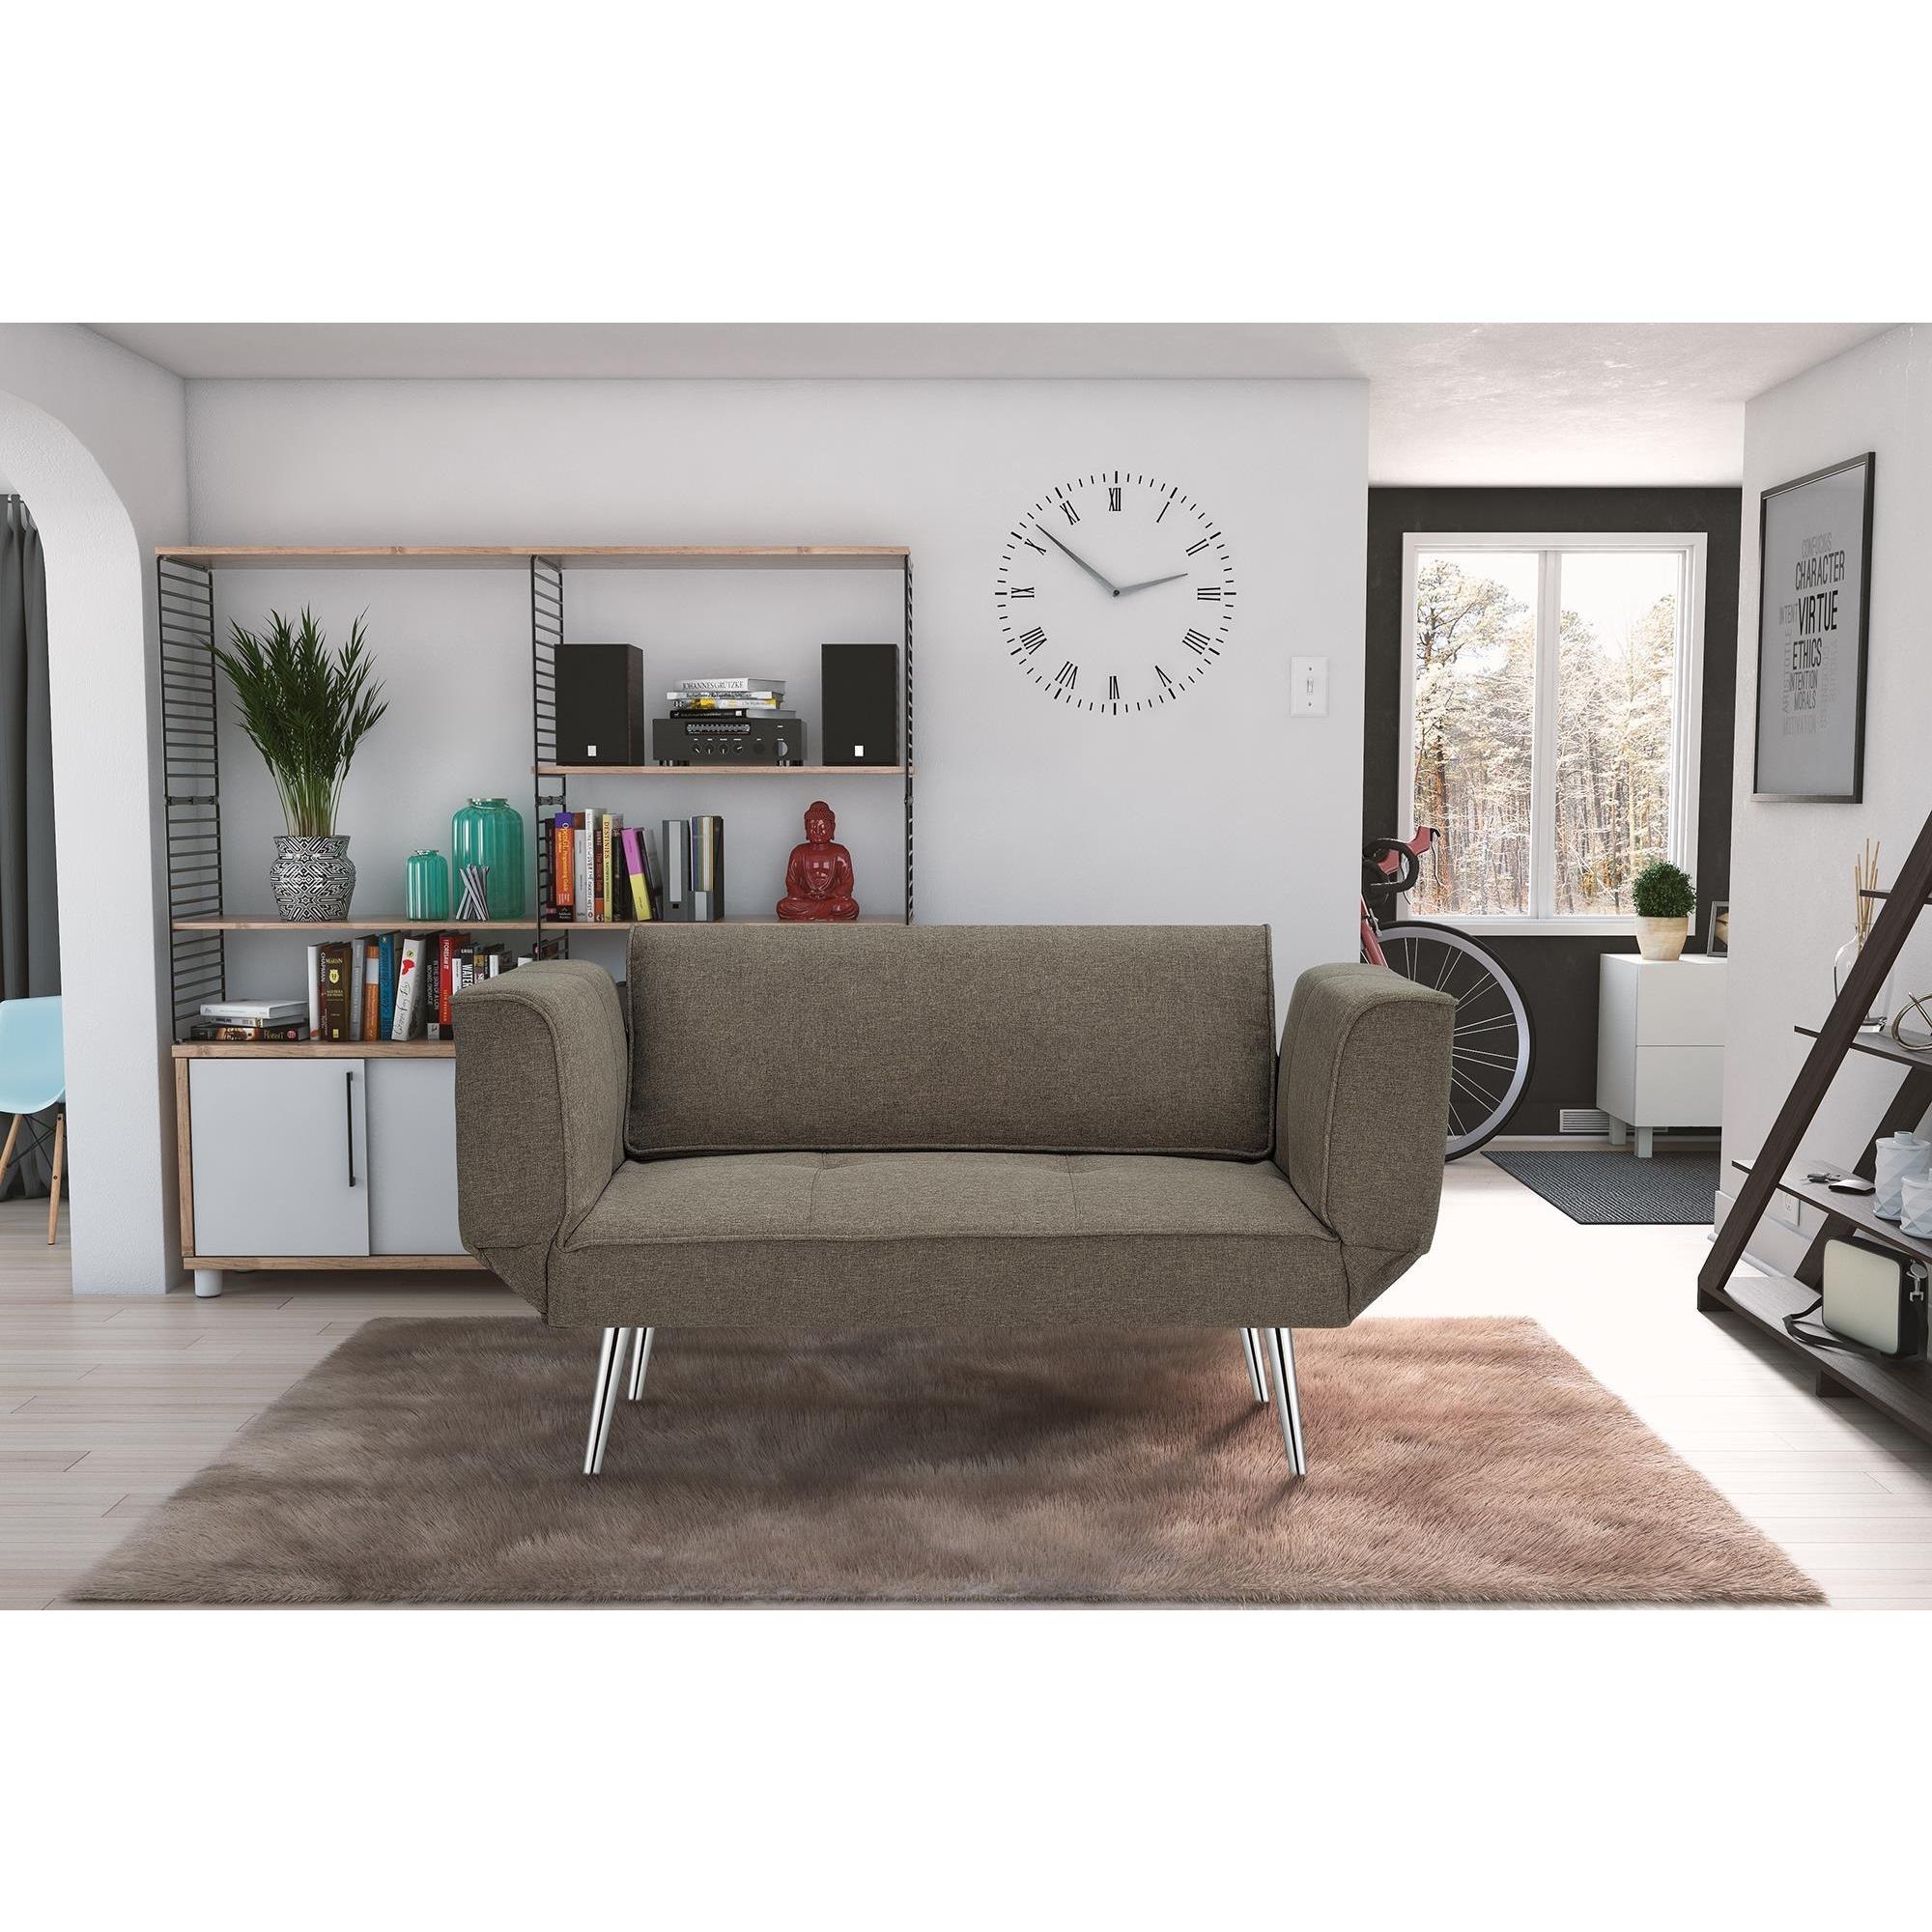 DHP Novogratz Euro Futon with Magazine Storage (Grey Twill)